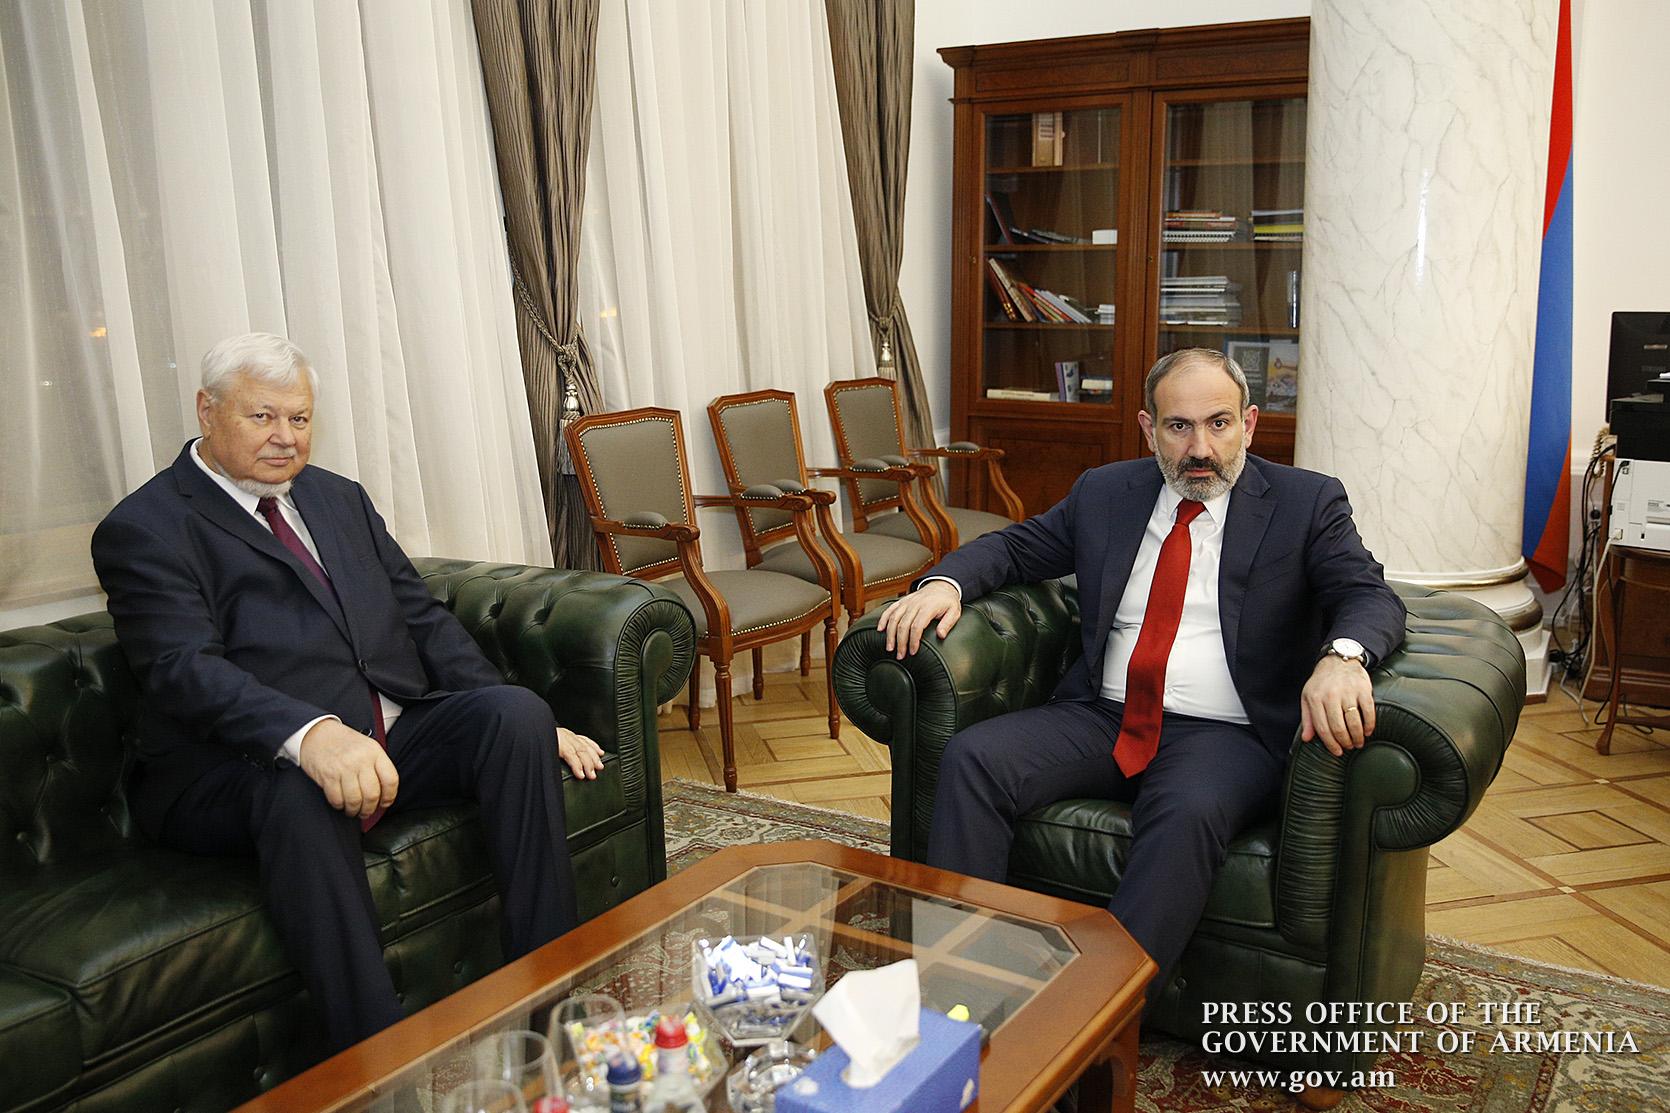 Photo of Վարչապետն ընդունել է ԵԱՀԿ գործող նախագահի անձնական ներկայացուցիչ Անջեյ Կասպրչիկին